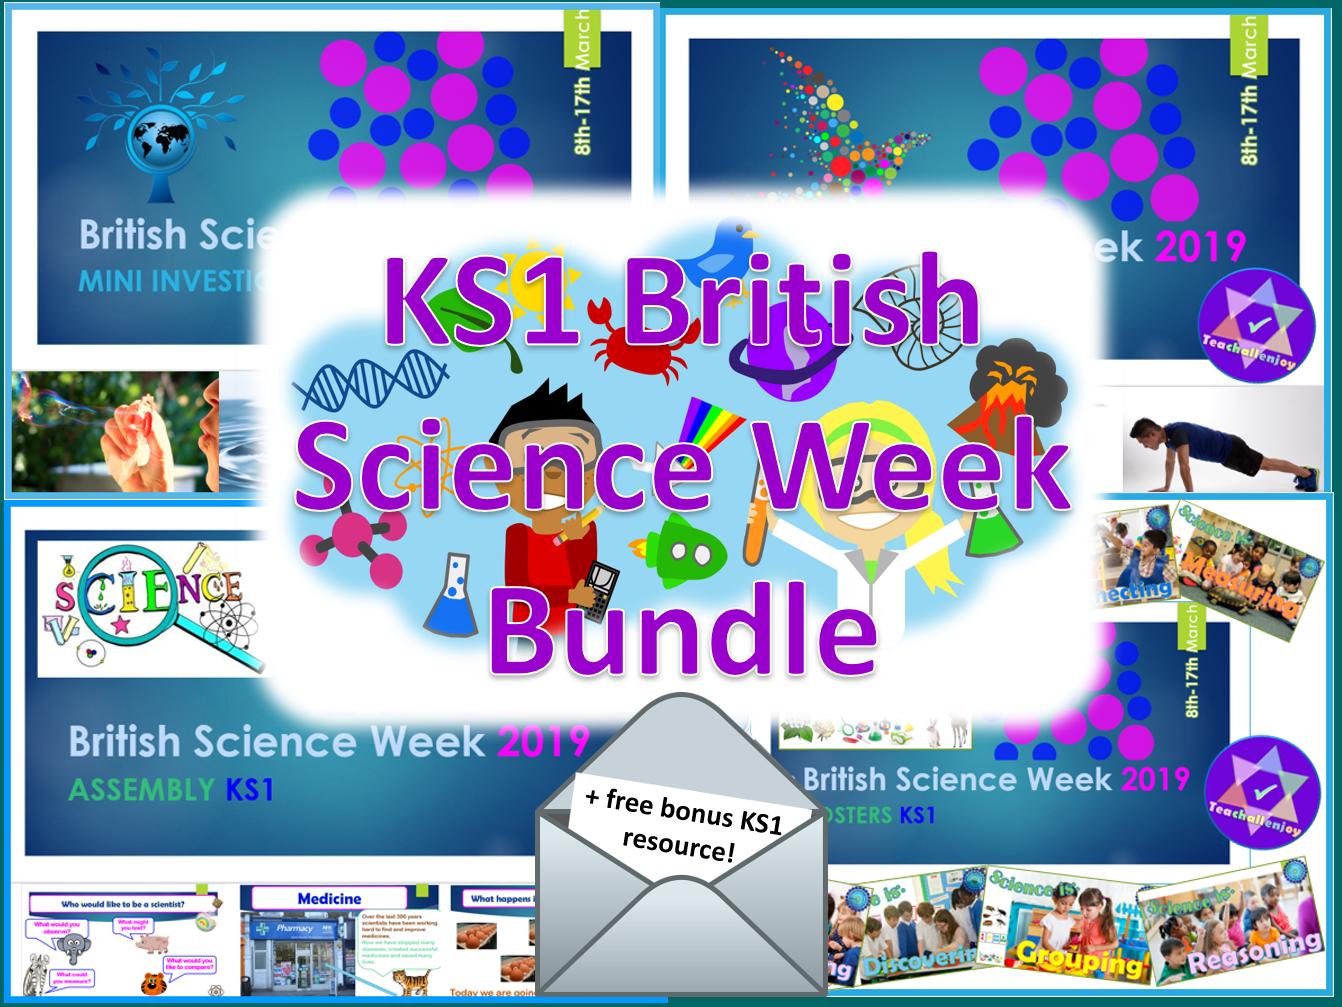 British Science Week KS1 Bundle